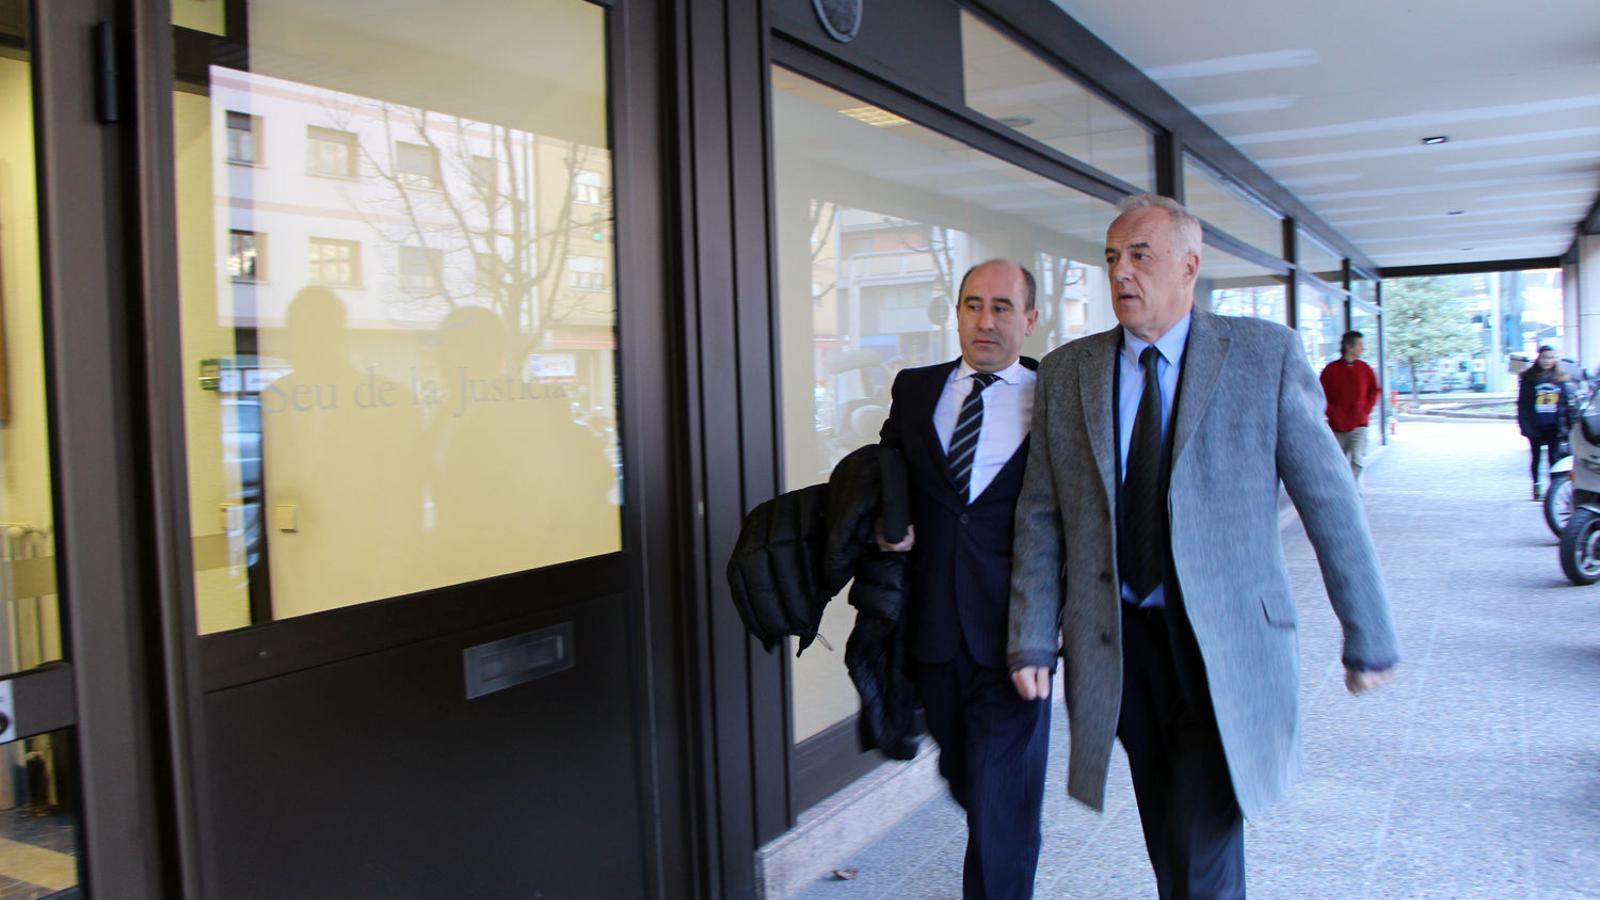 Joan Samarra amb el seu advocat, Alfons Clavera, arriben a la Seu de la Justícia per declarar. / C. G.